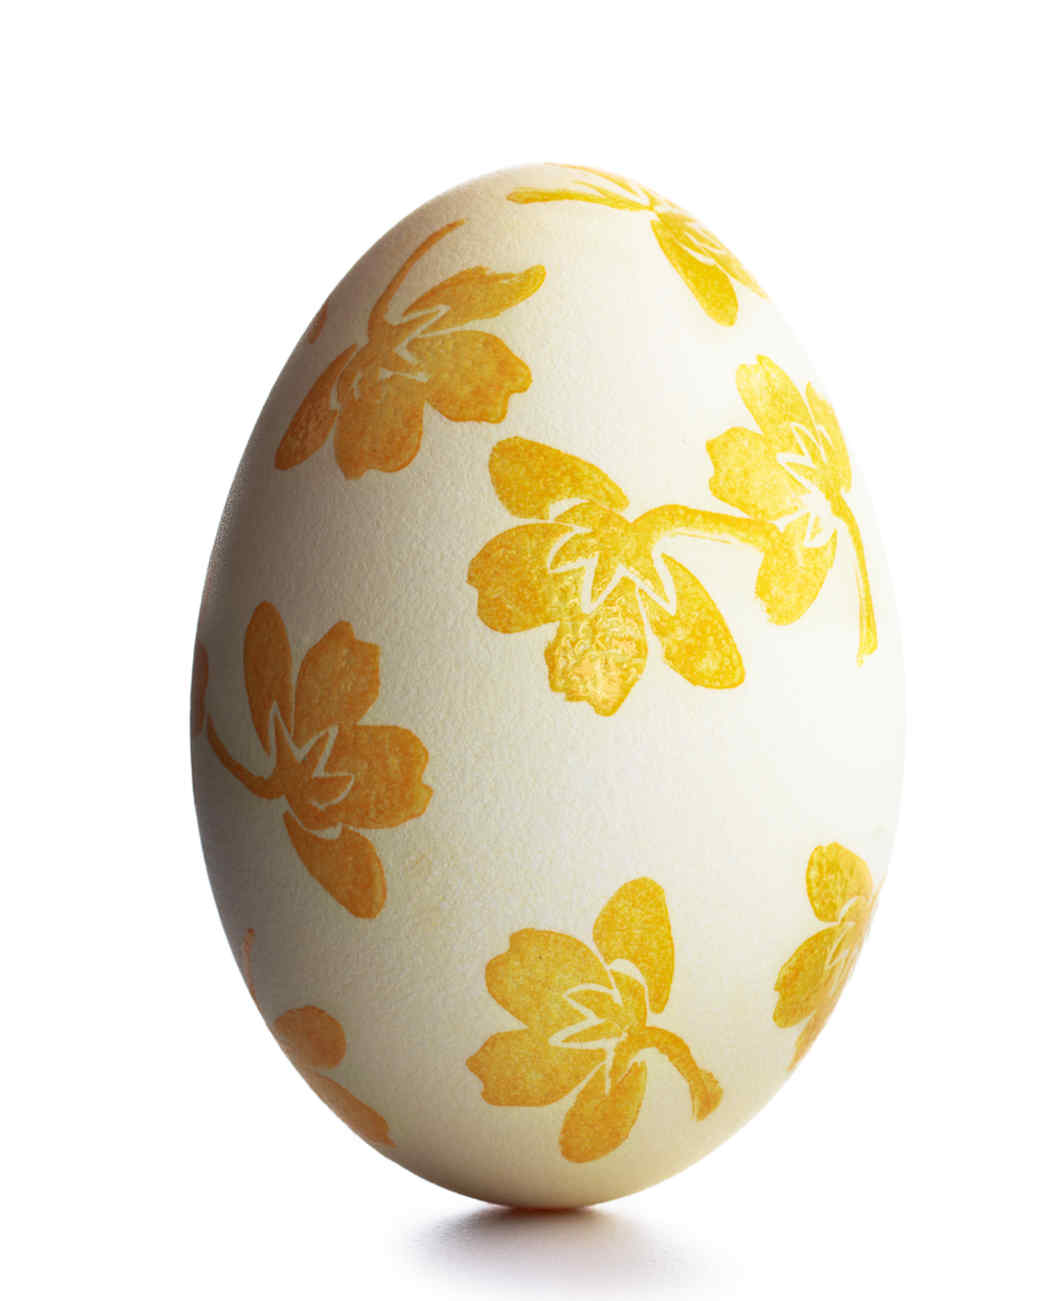 egg-dyeing-app-d107182-emboss-orange-flowers0414.jpg